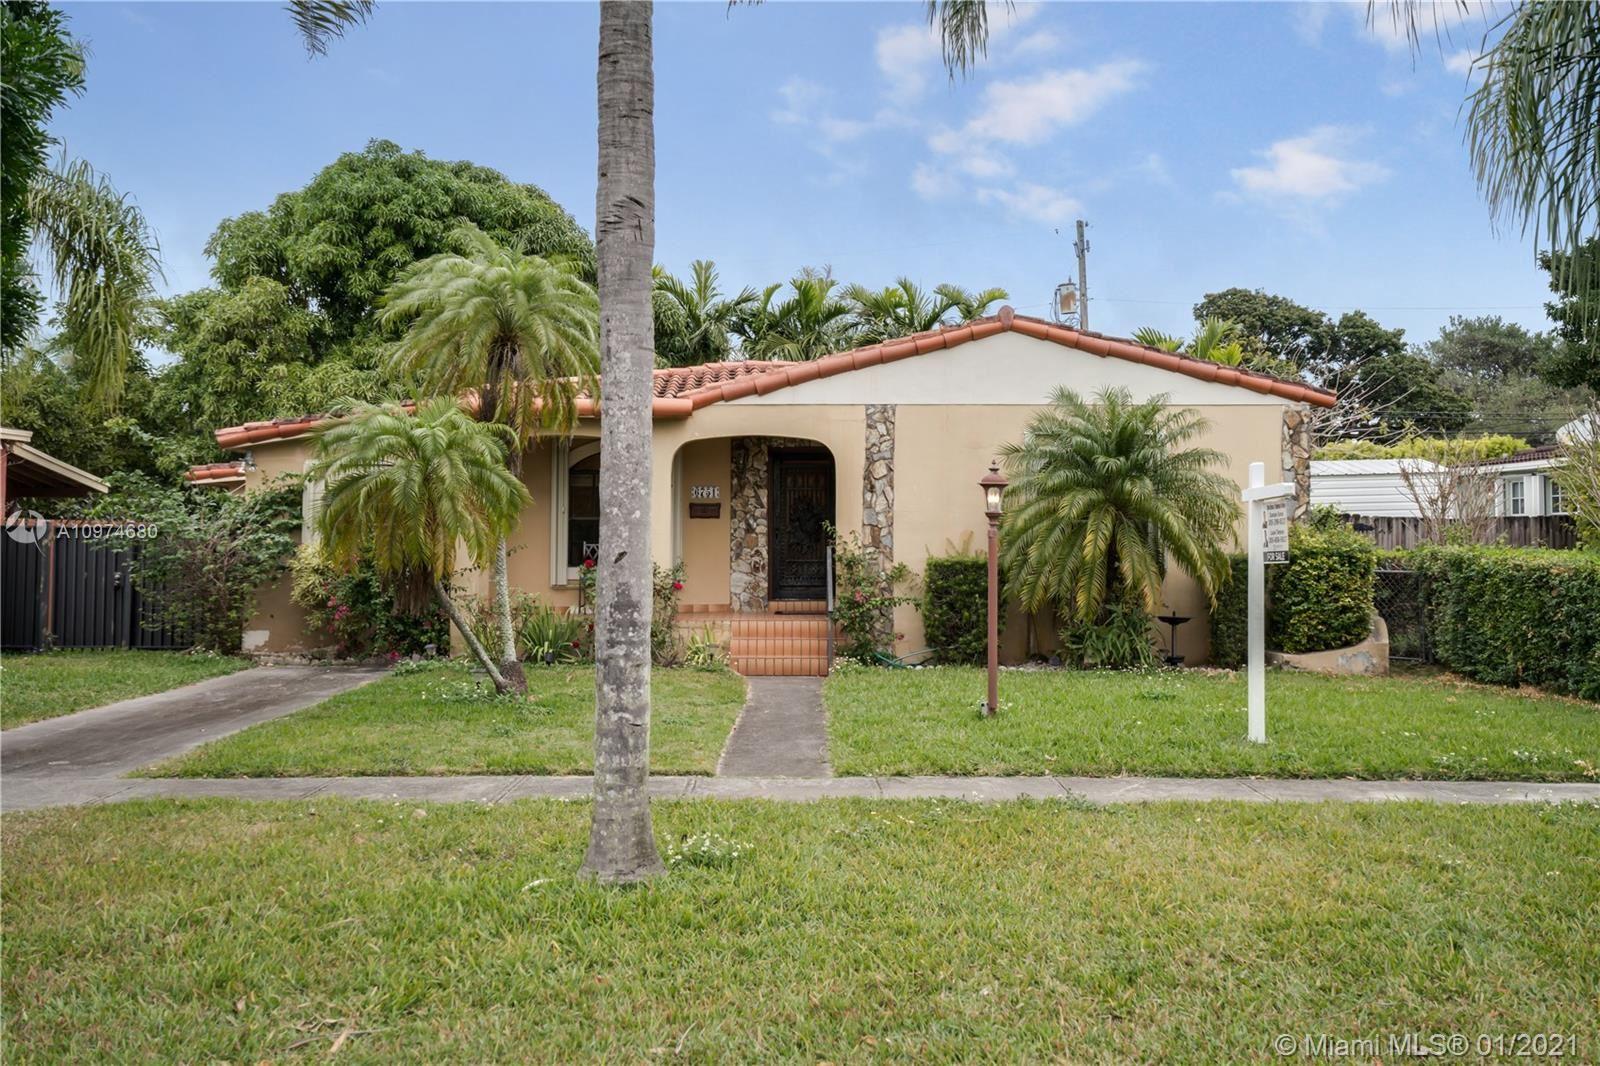 6751 SW 30th St, Miami, FL 33155 - #: A10974680